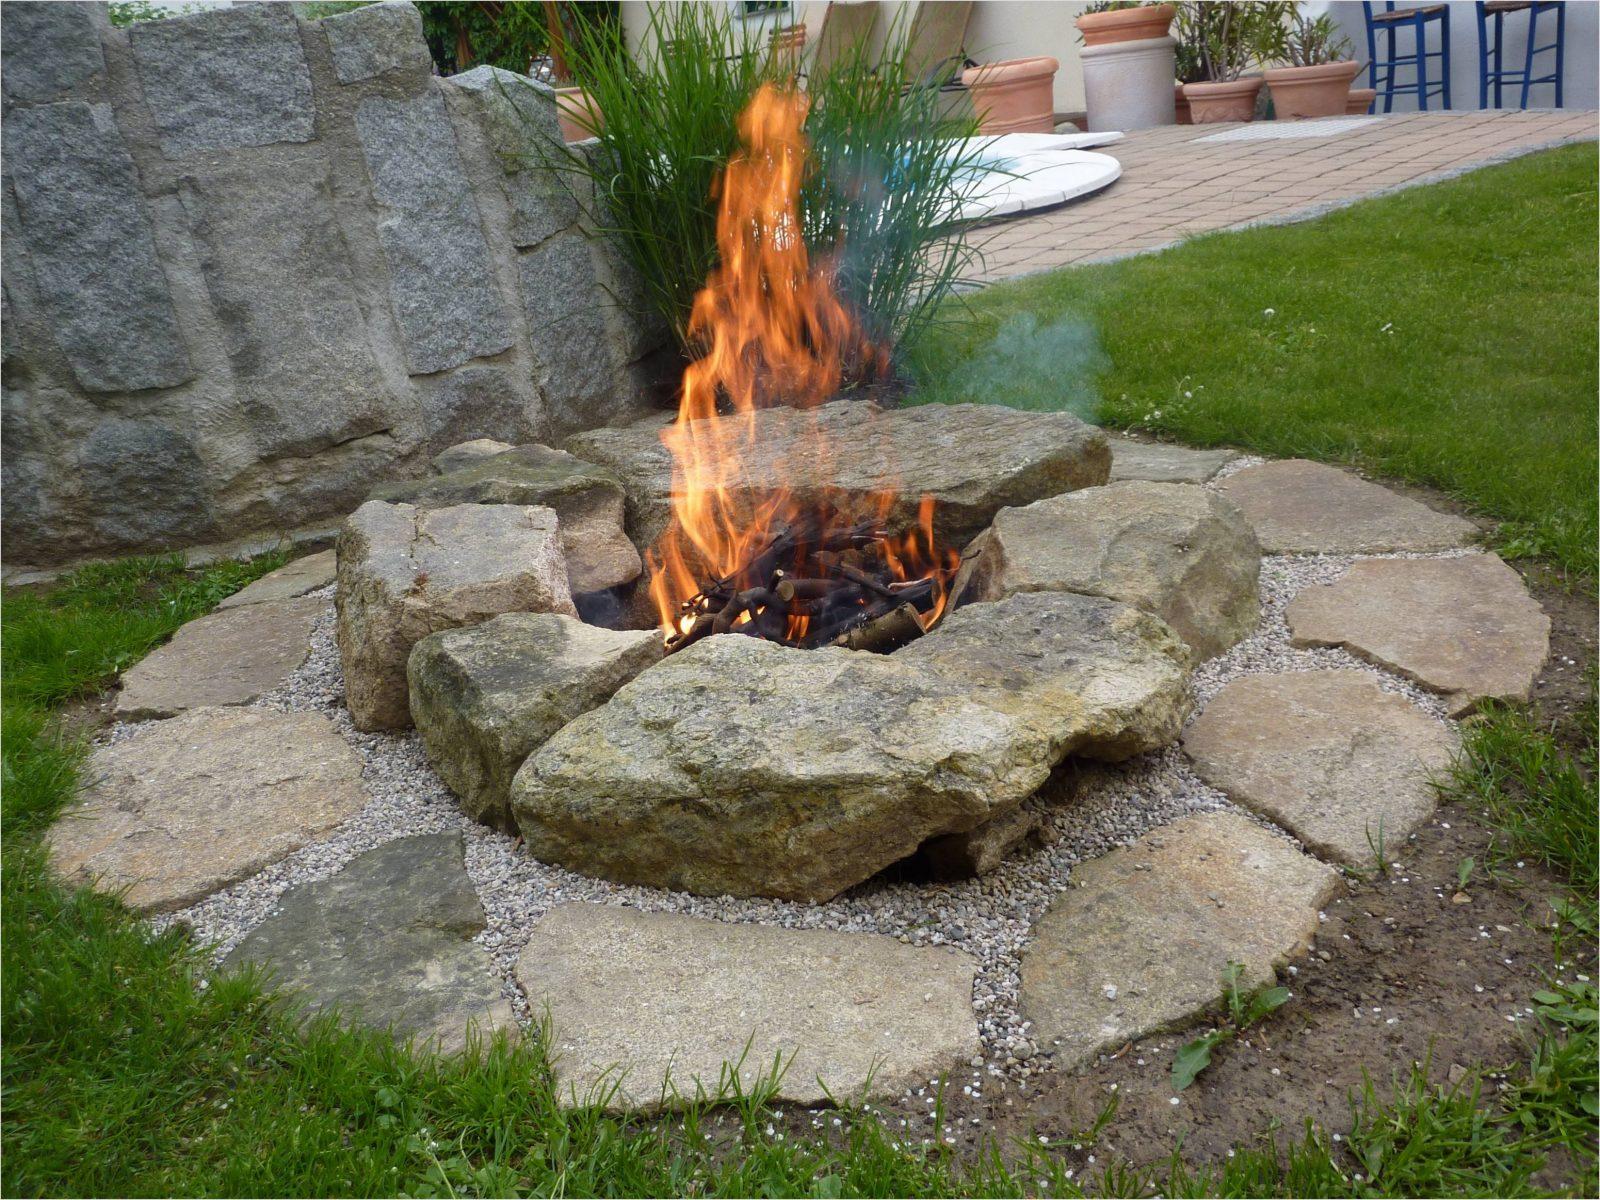 Feuerstelle Im Garten Wunderschöne  Feuerstellen Von von Feuerstelle Im Garten Bauen Bild